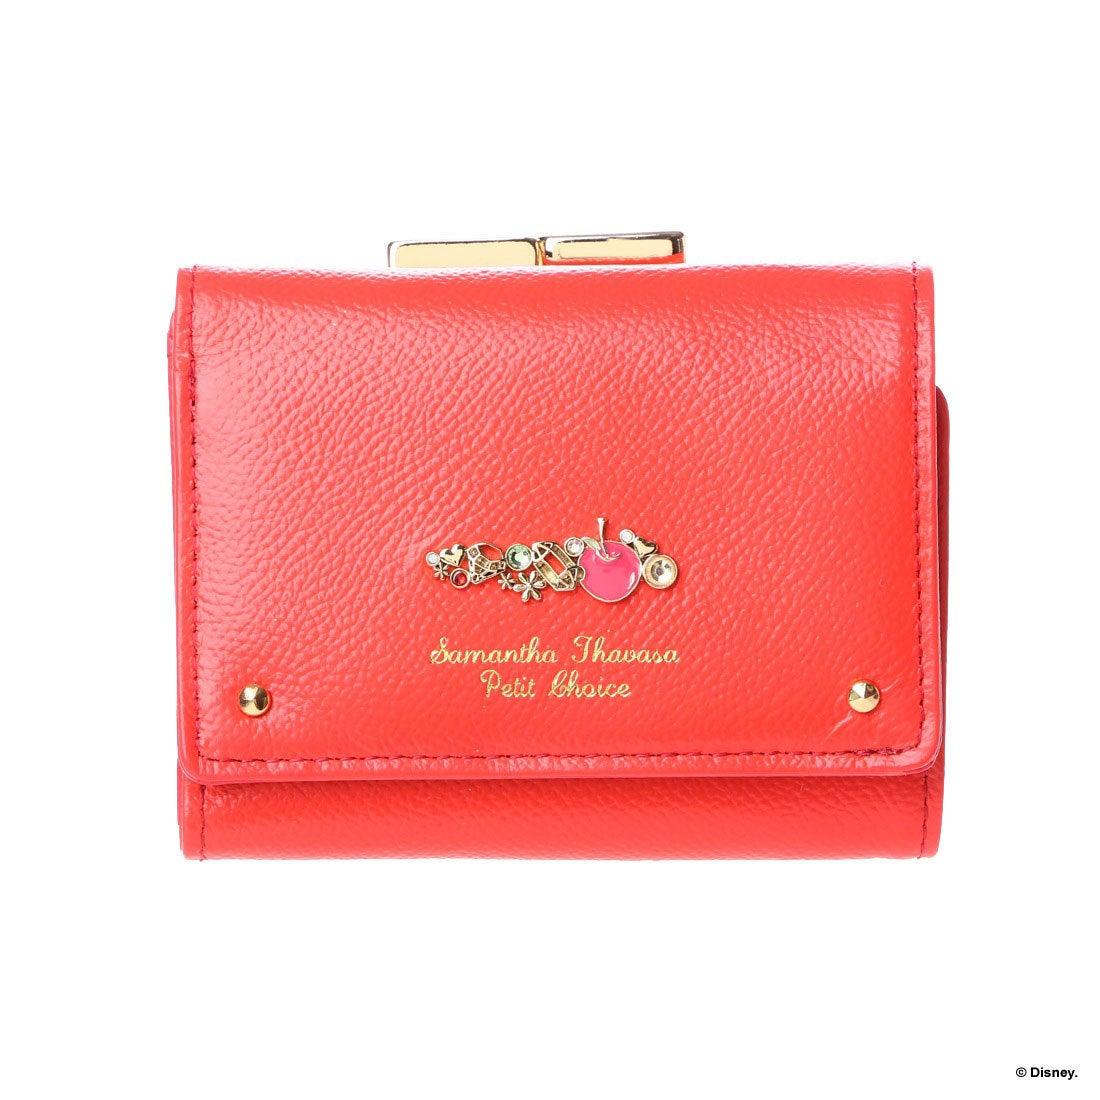 ロコンド 靴とファッションの通販サイトサマンサ・タバサ(Samantha Thavasa)サマンサ・タバサ(Samantha Thavasa)プチチョイスディズニーコレクション白雪姫ミニ財布(レッド)